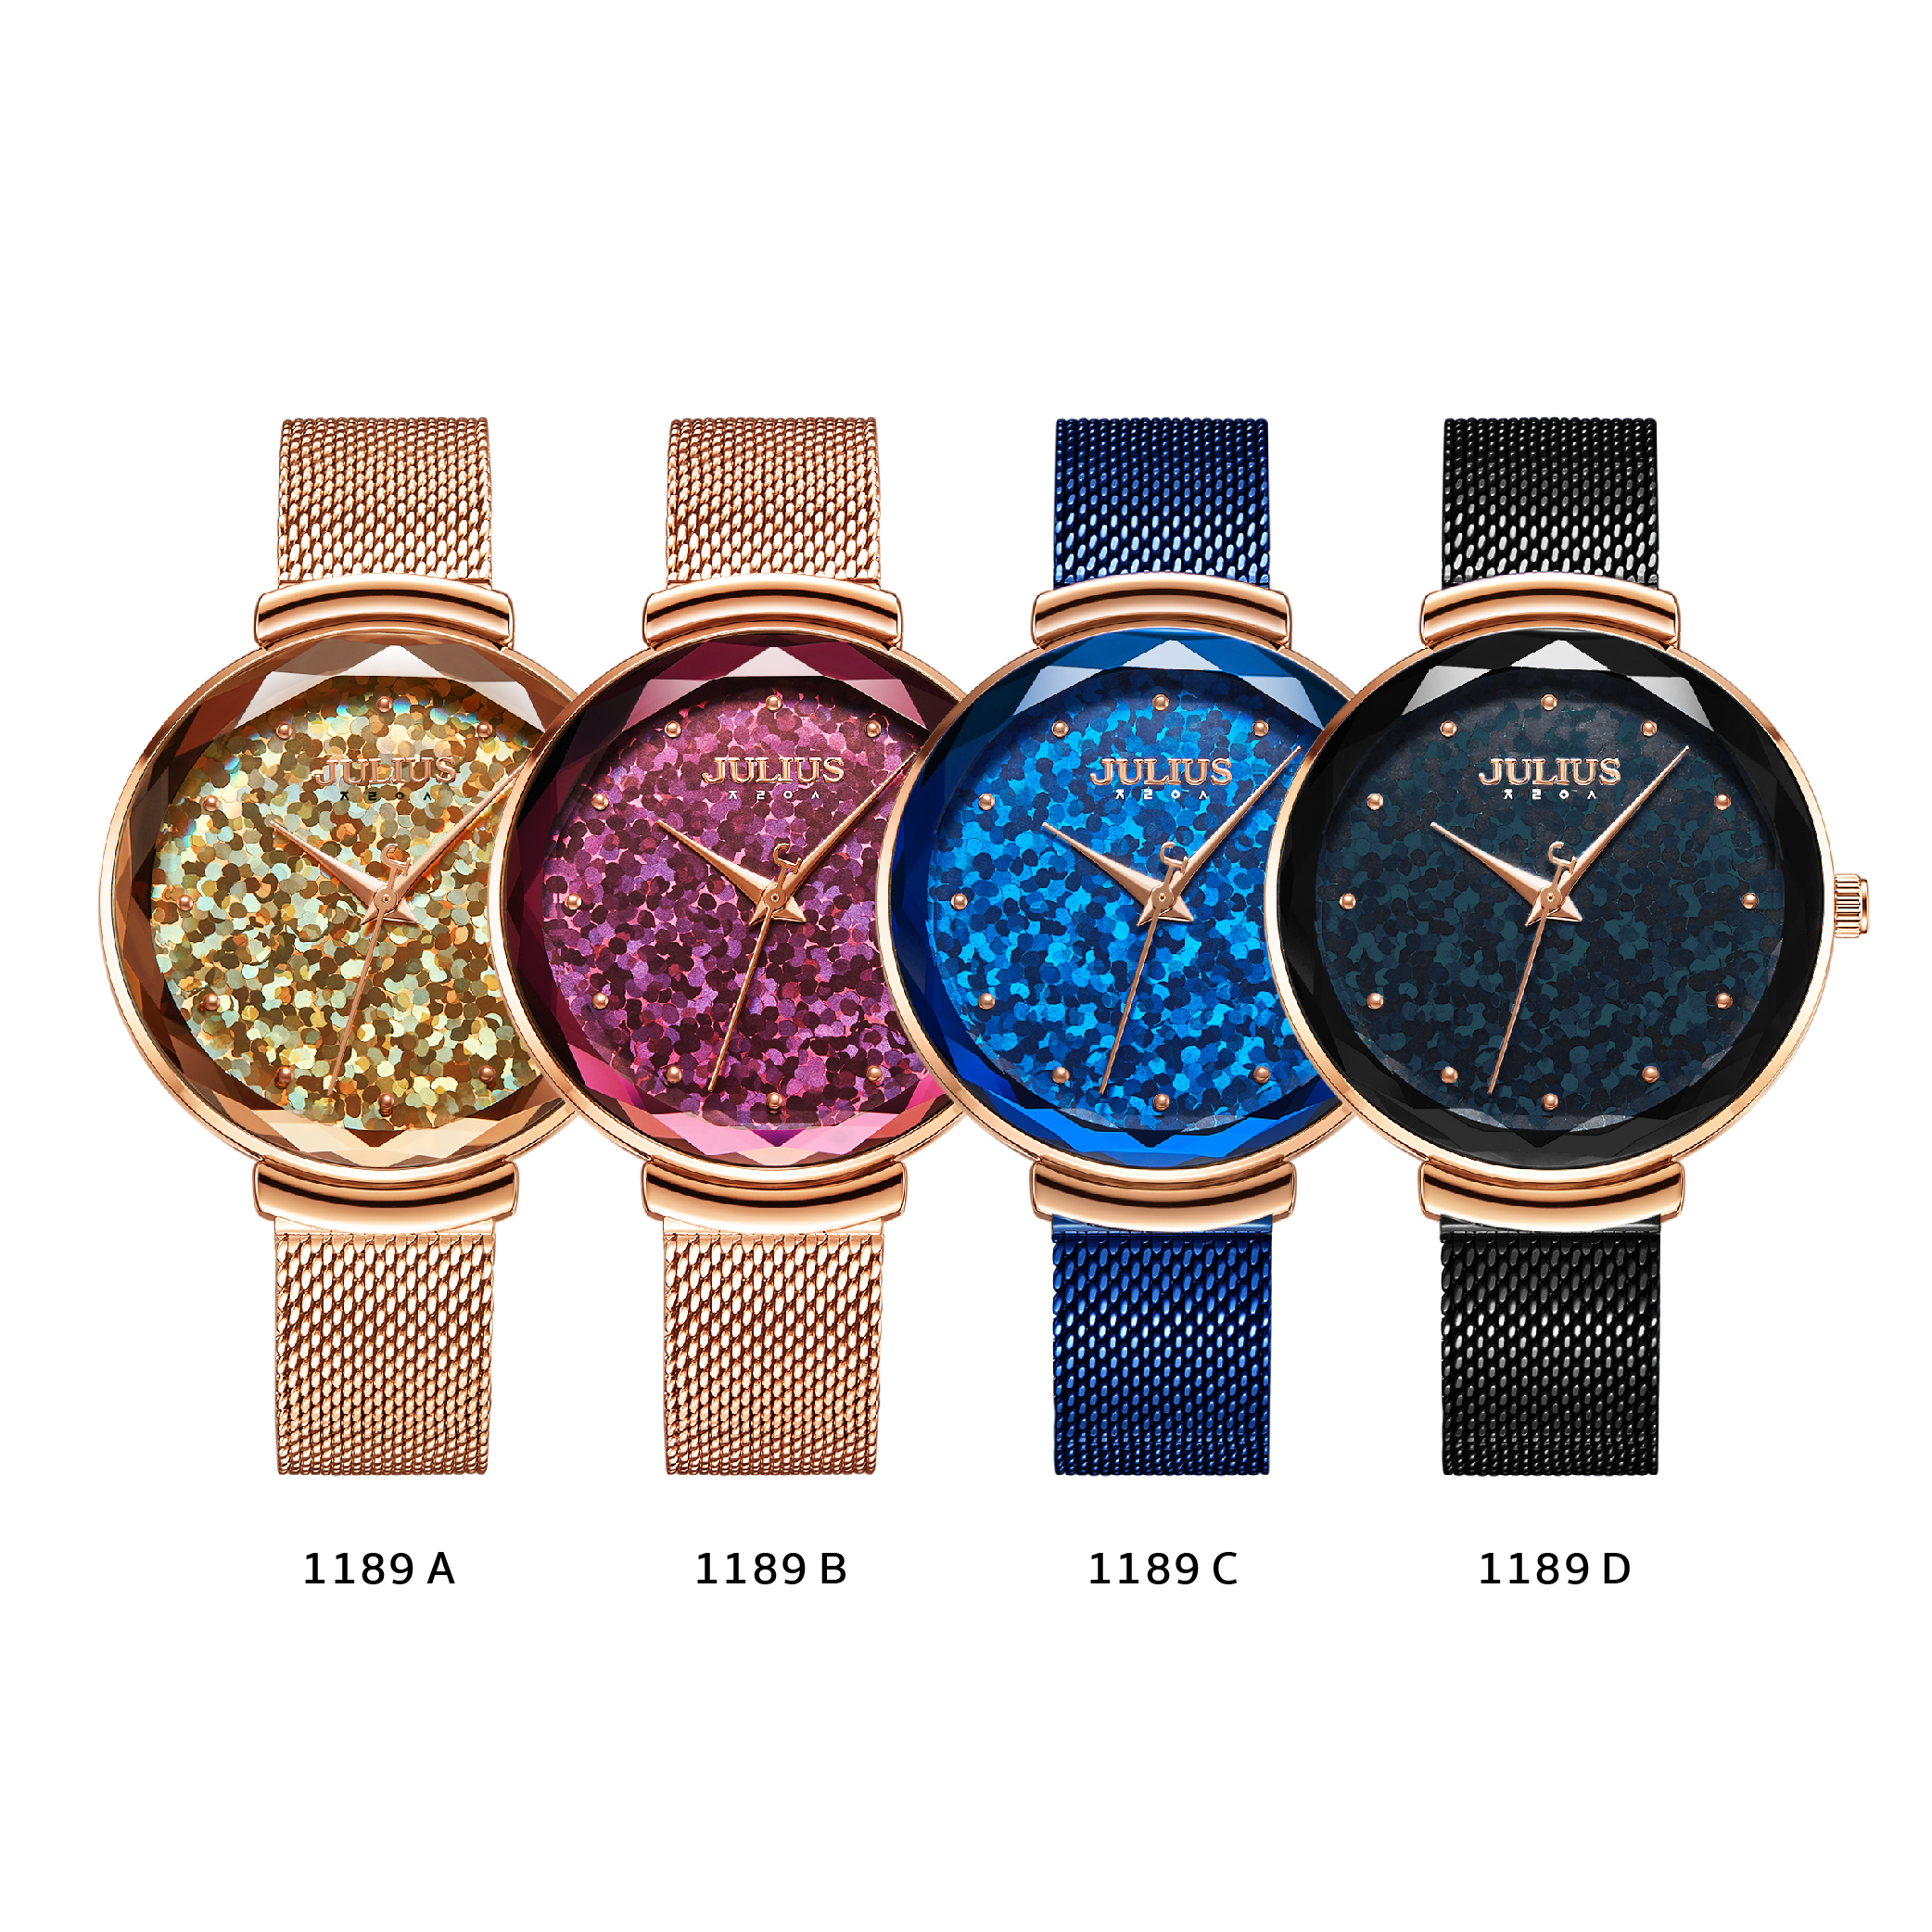 นาฬิกาข้อมือผู้หญิง JULIUS JA-1189 D